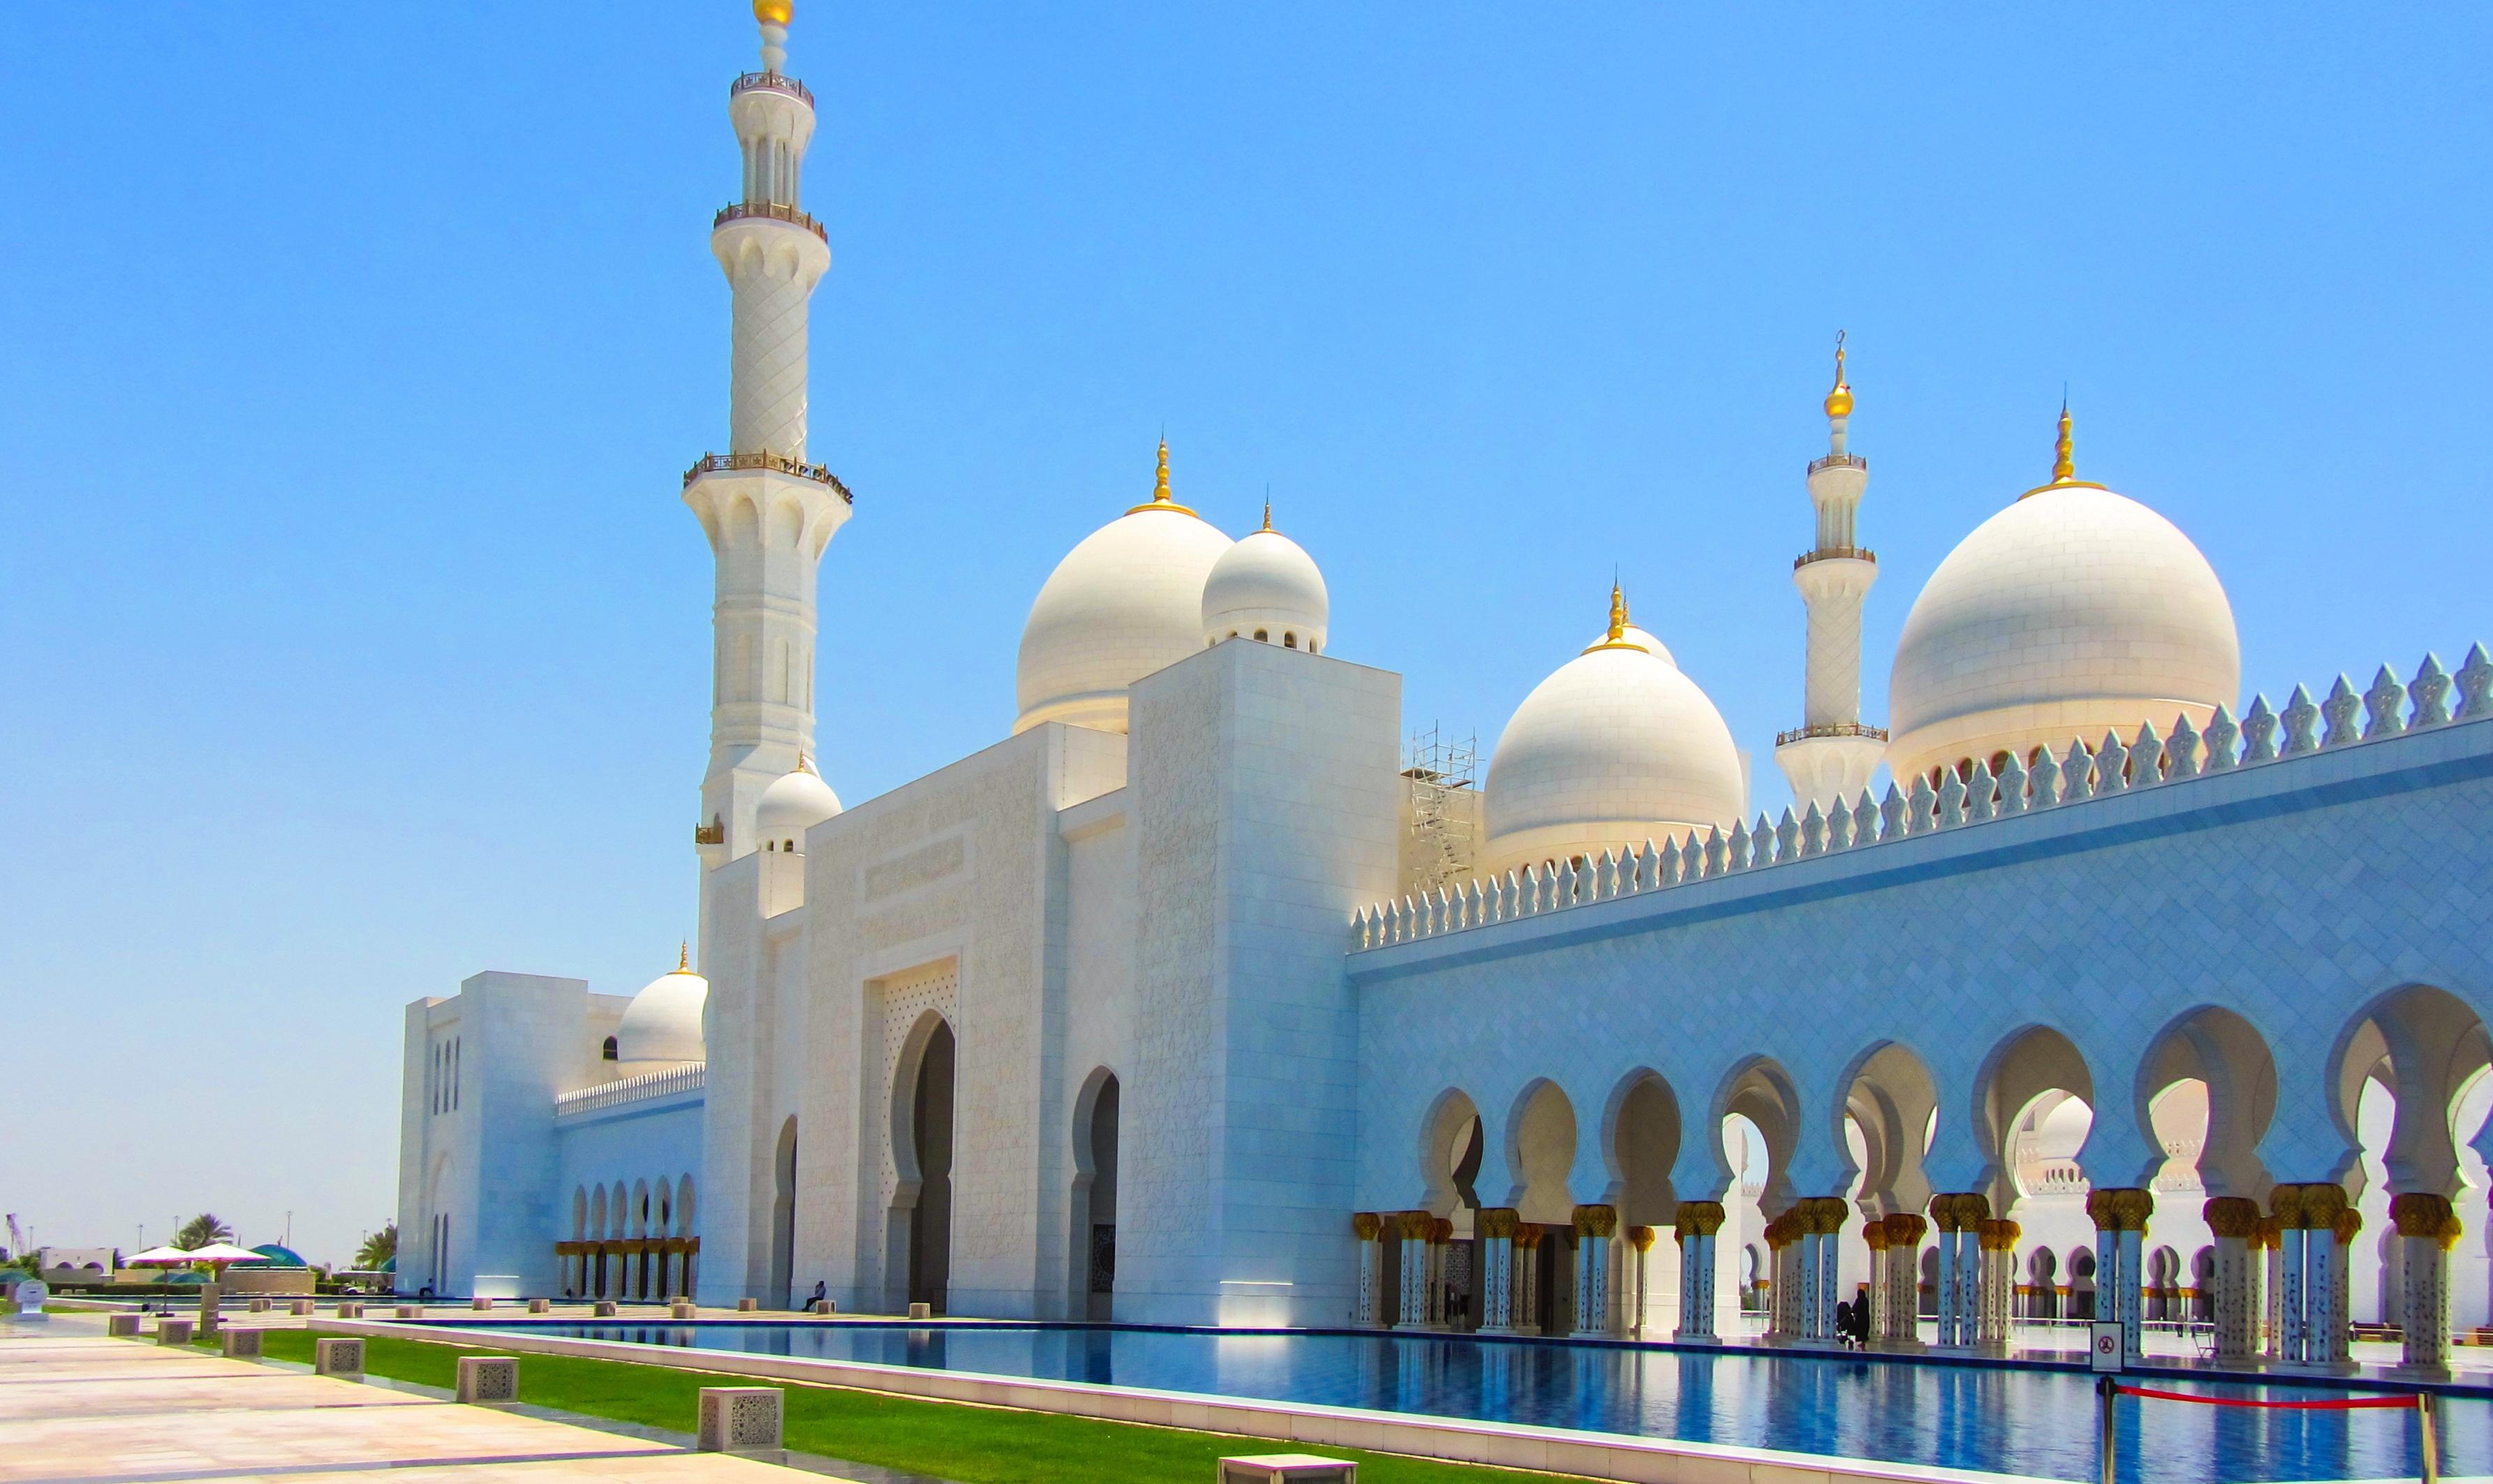 fotos gratis edificio punto de referencia lugar de adoracin lugares de inters fe uae islam arabia arbica abu dhabi t